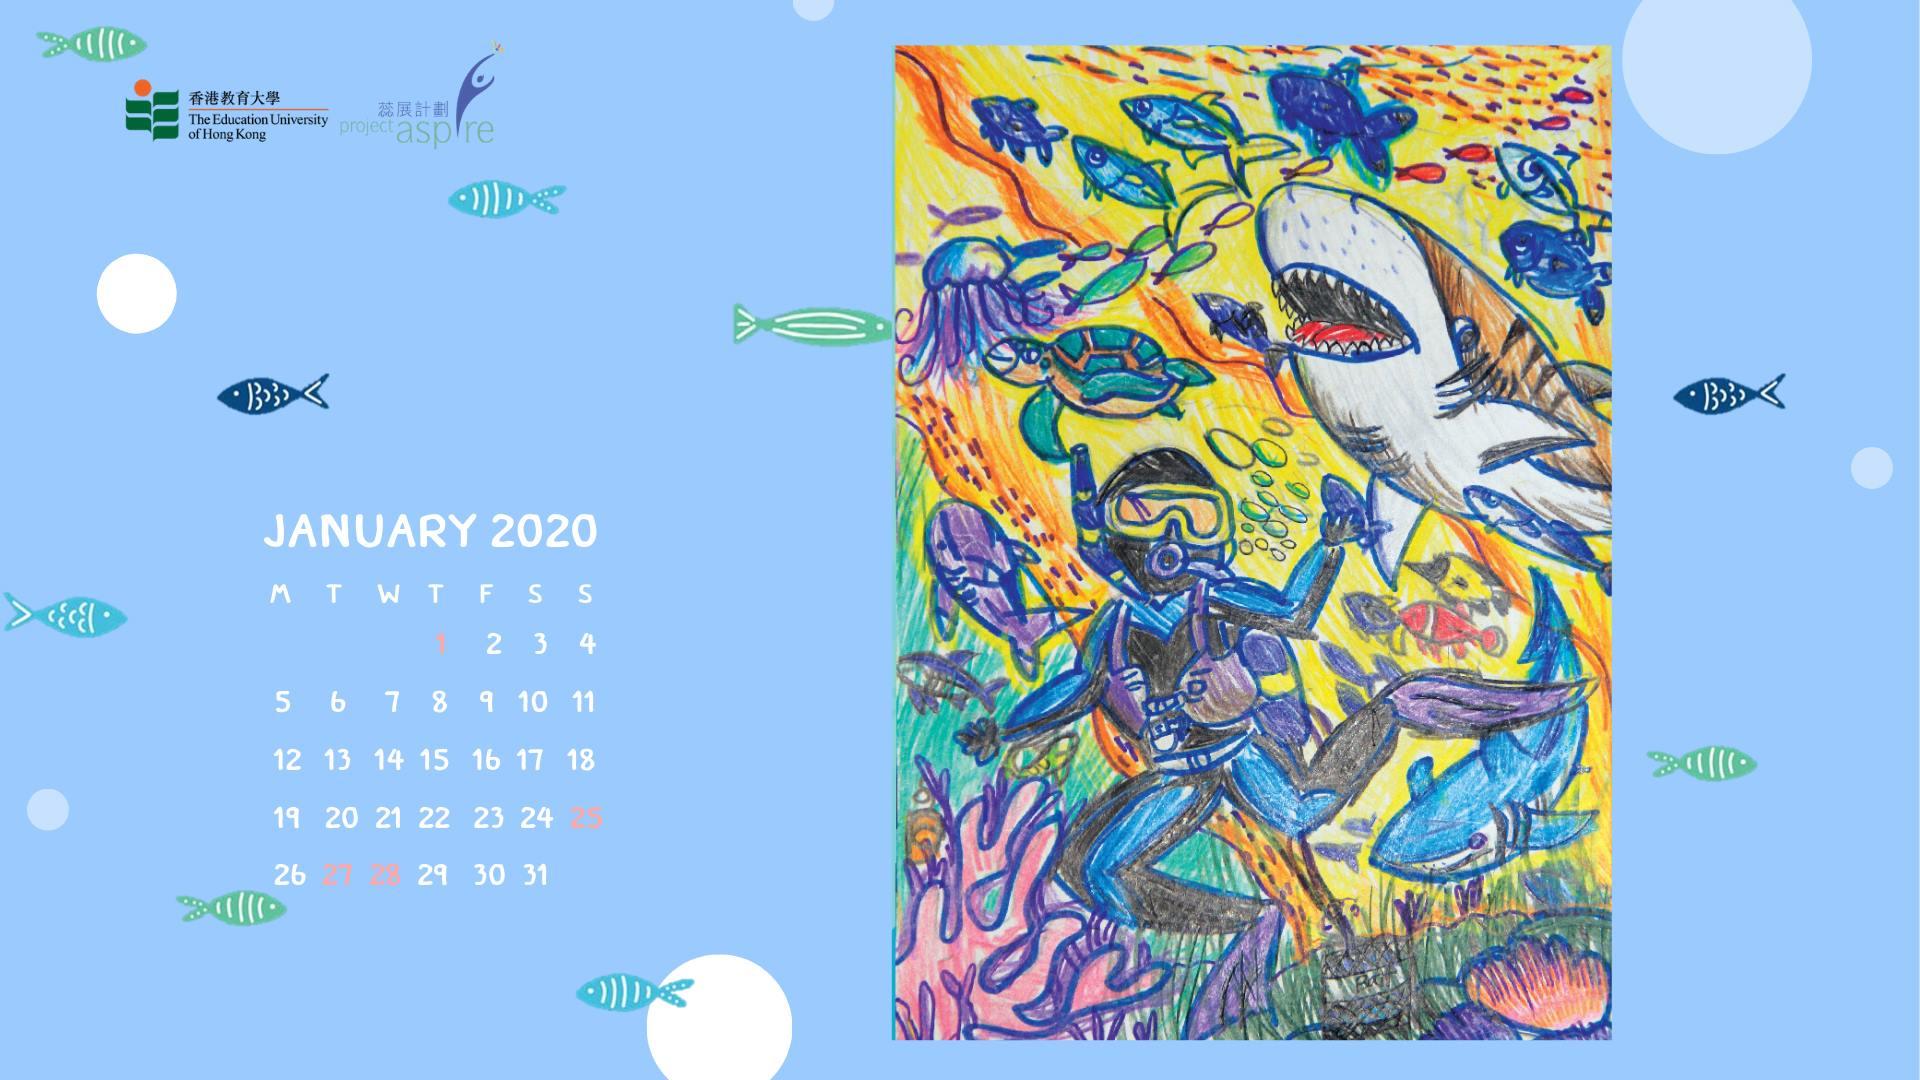 1. jan 2020